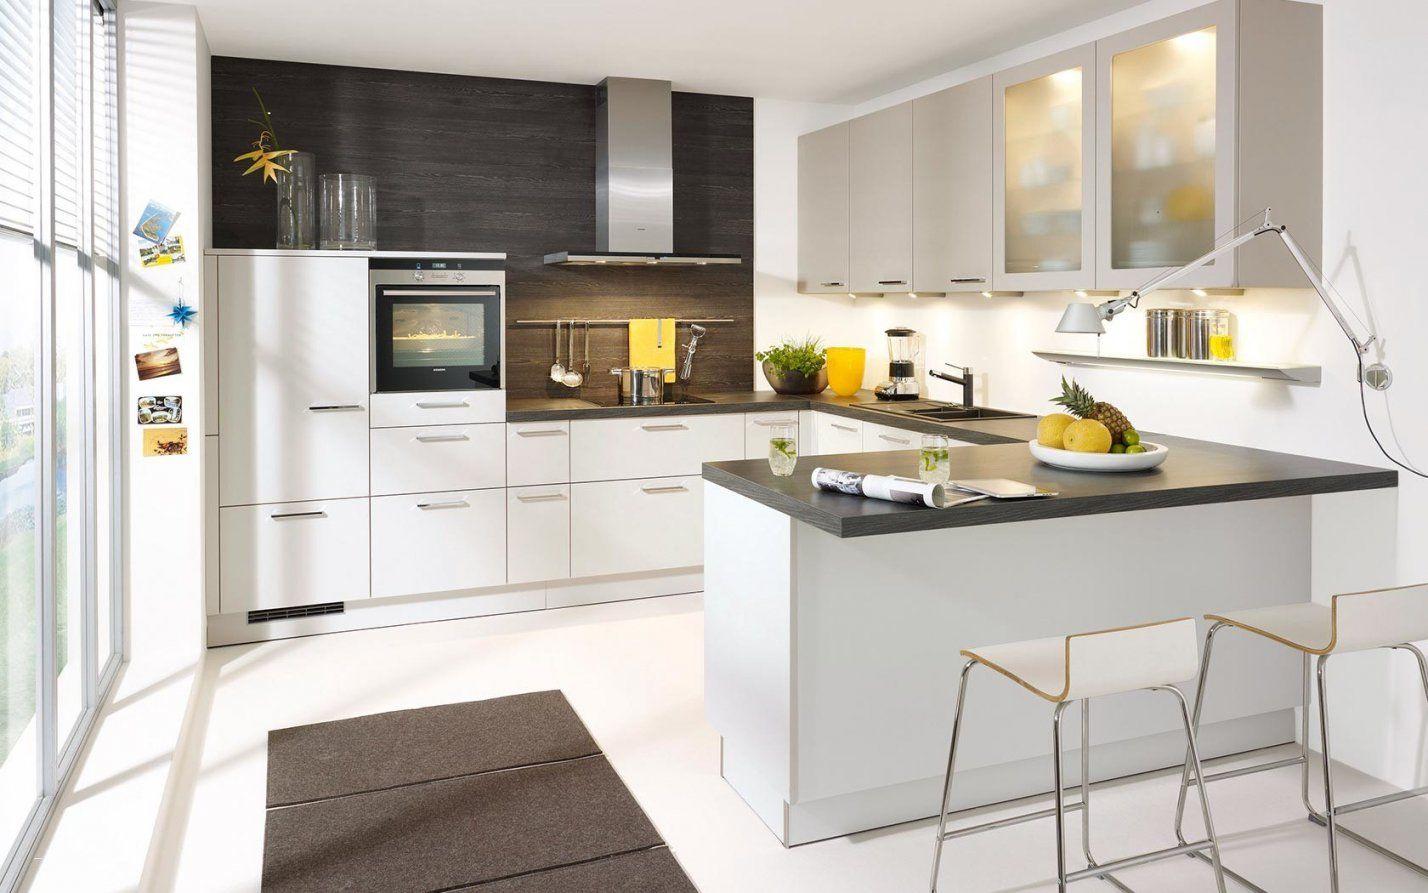 Kleine Küche U Form Wunderbar Kleine Küchen In U Form Hausdesign von Kleine Küche In U Form Photo